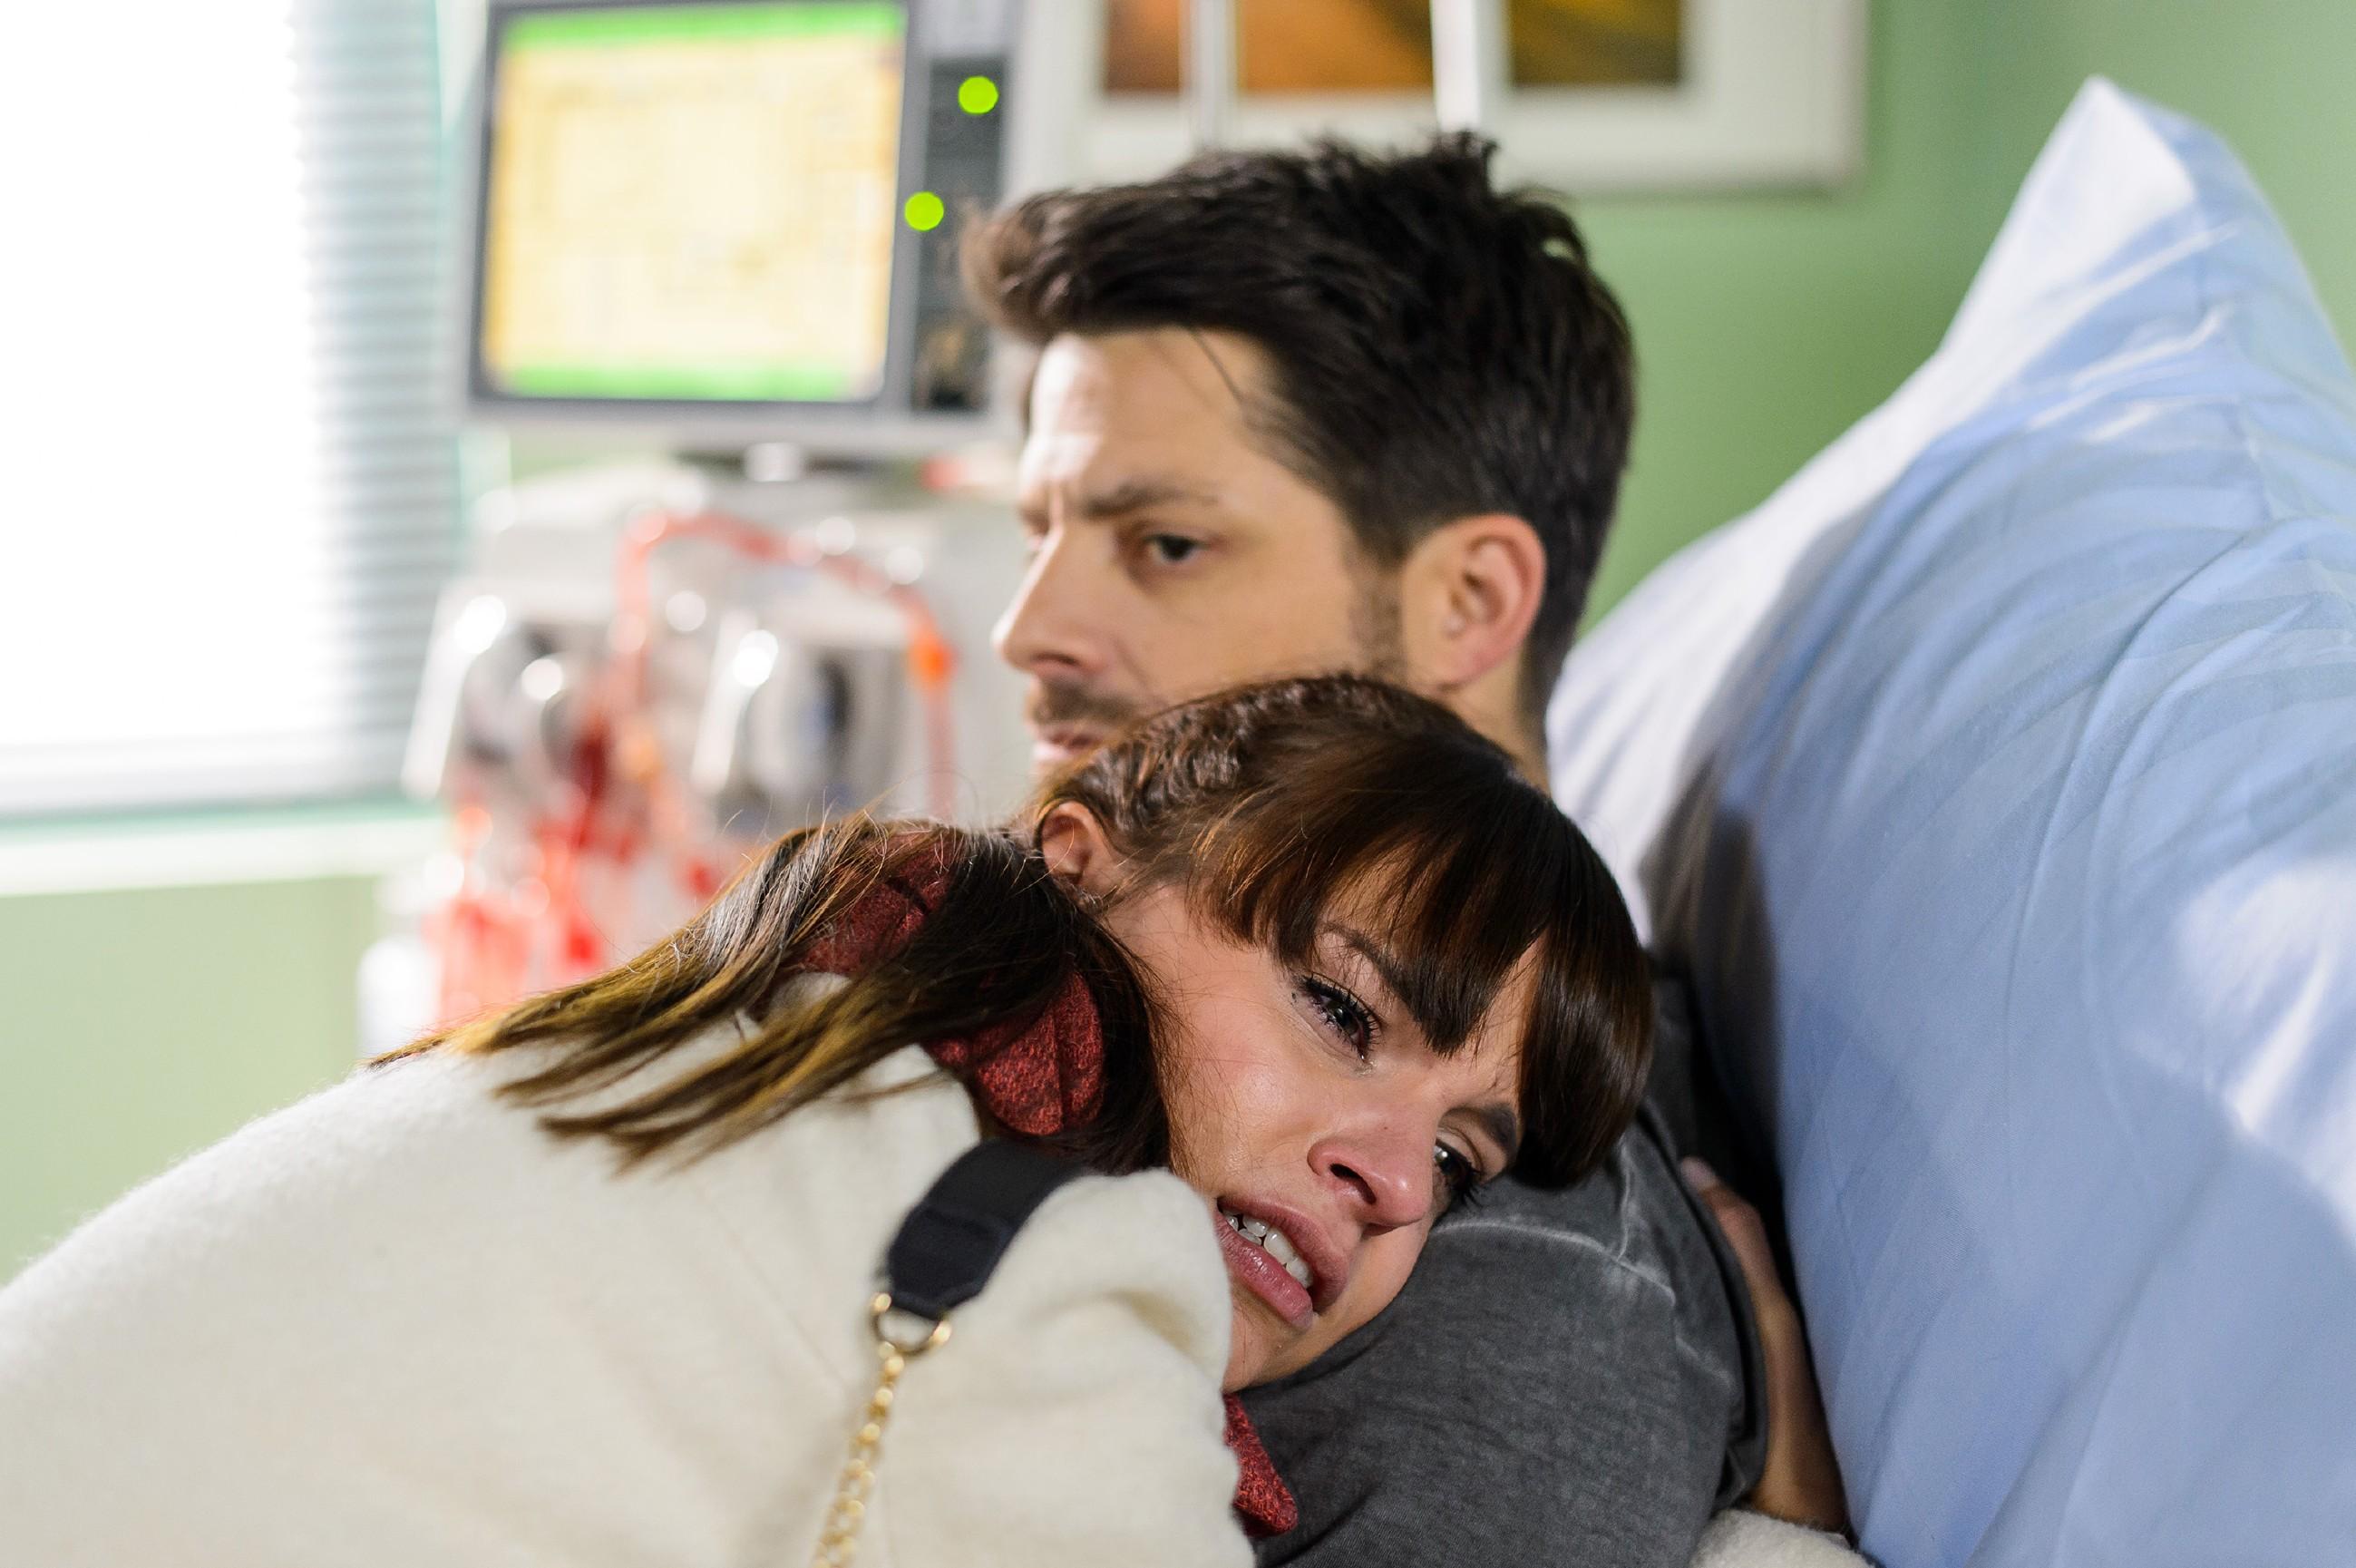 Michelle (Franziska Benz) besucht Vincent (Daniel Buder) im Krankenhaus und ihr wird klar, dass sie ihren Vater nicht sterben lassen kann... (Quelle: RTL / Willi Weber)